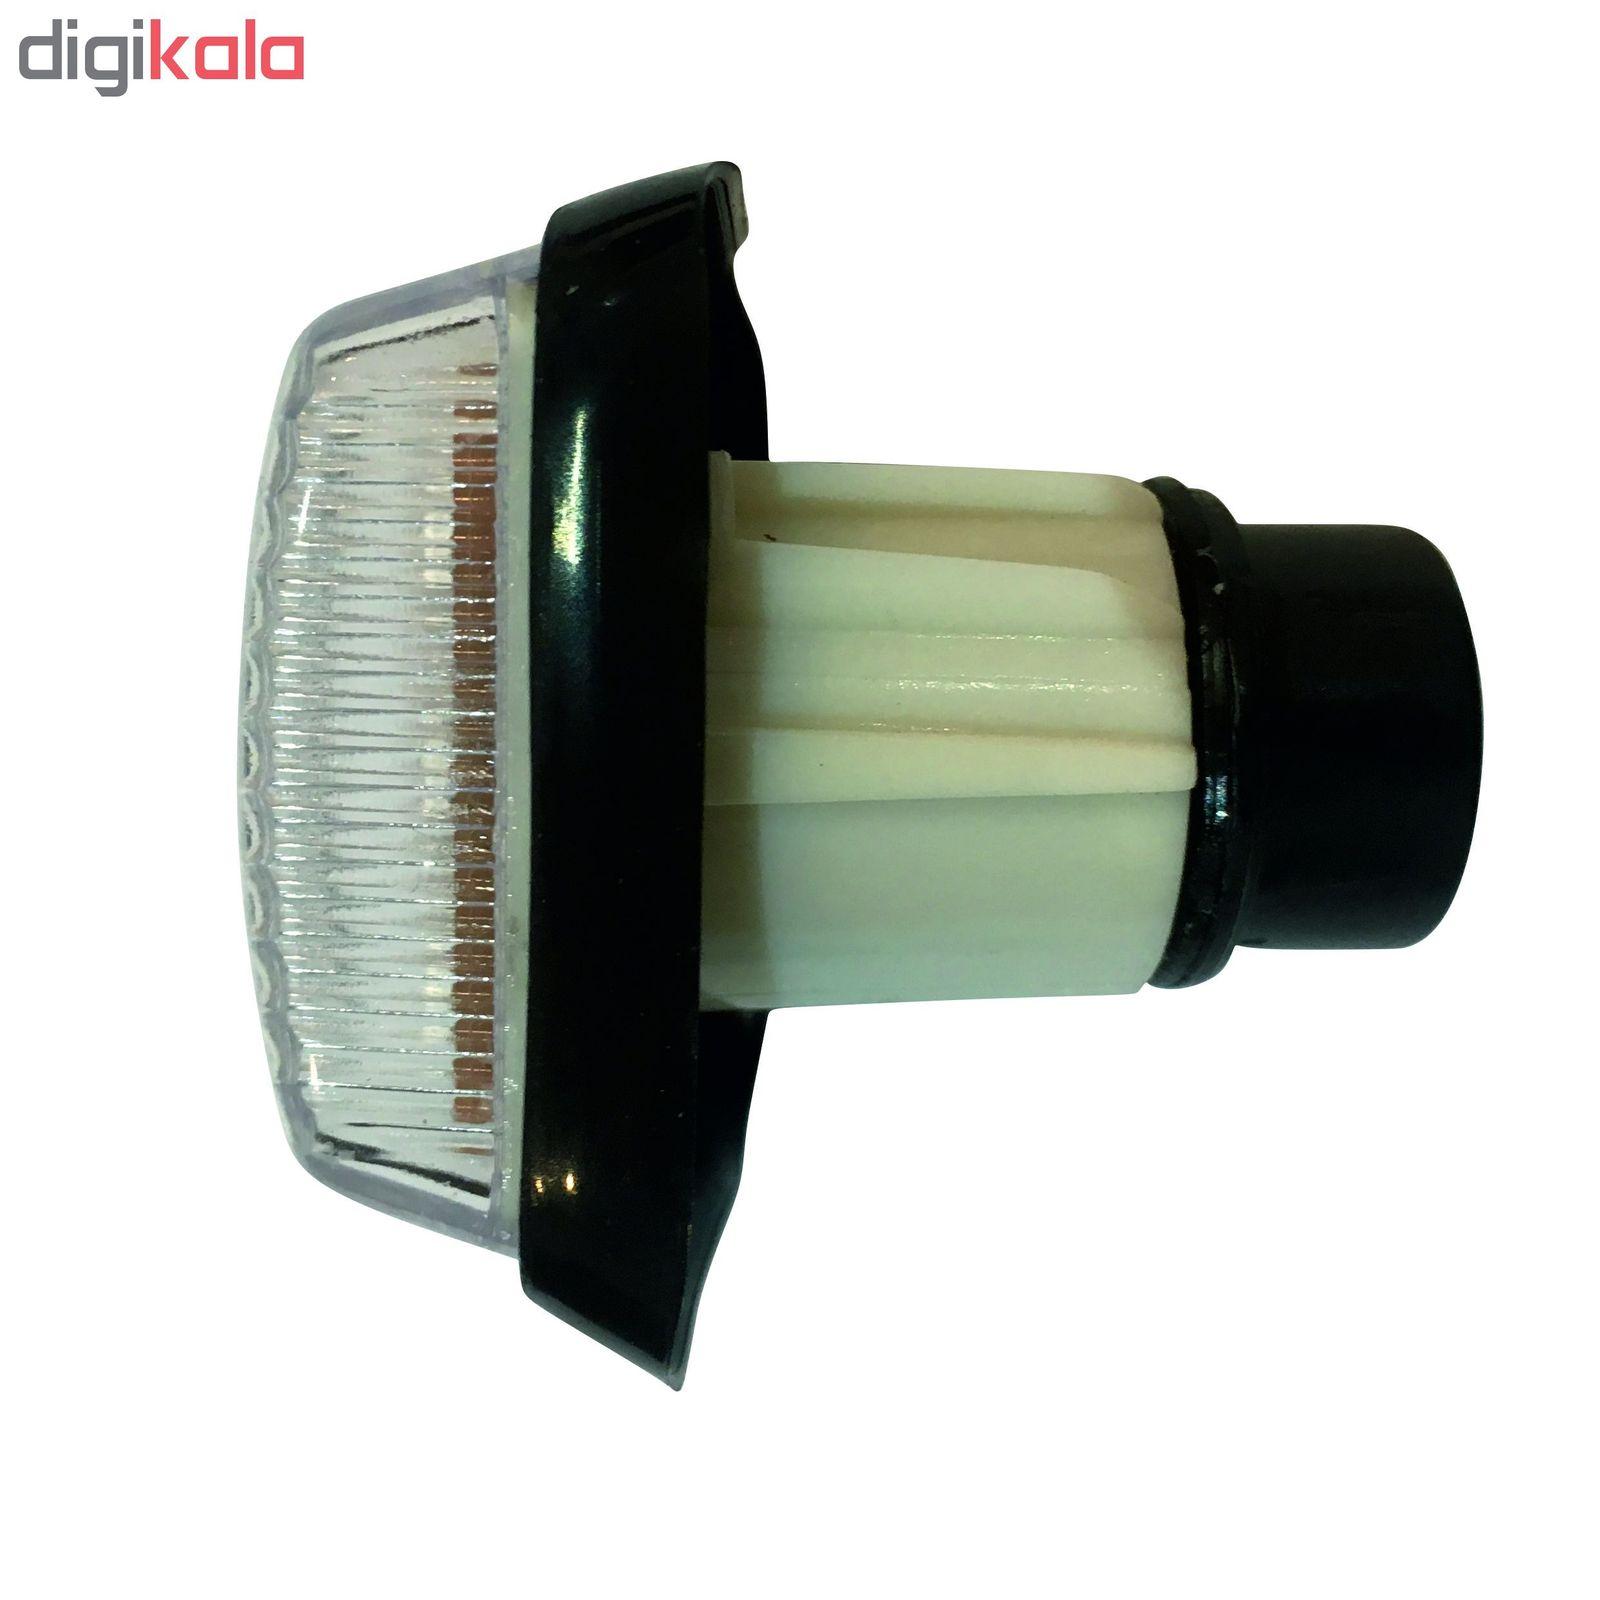 چراغ اس ام دی راهنمای گلگیر مدل PG-01 مناسب برای پژو 405 main 1 2